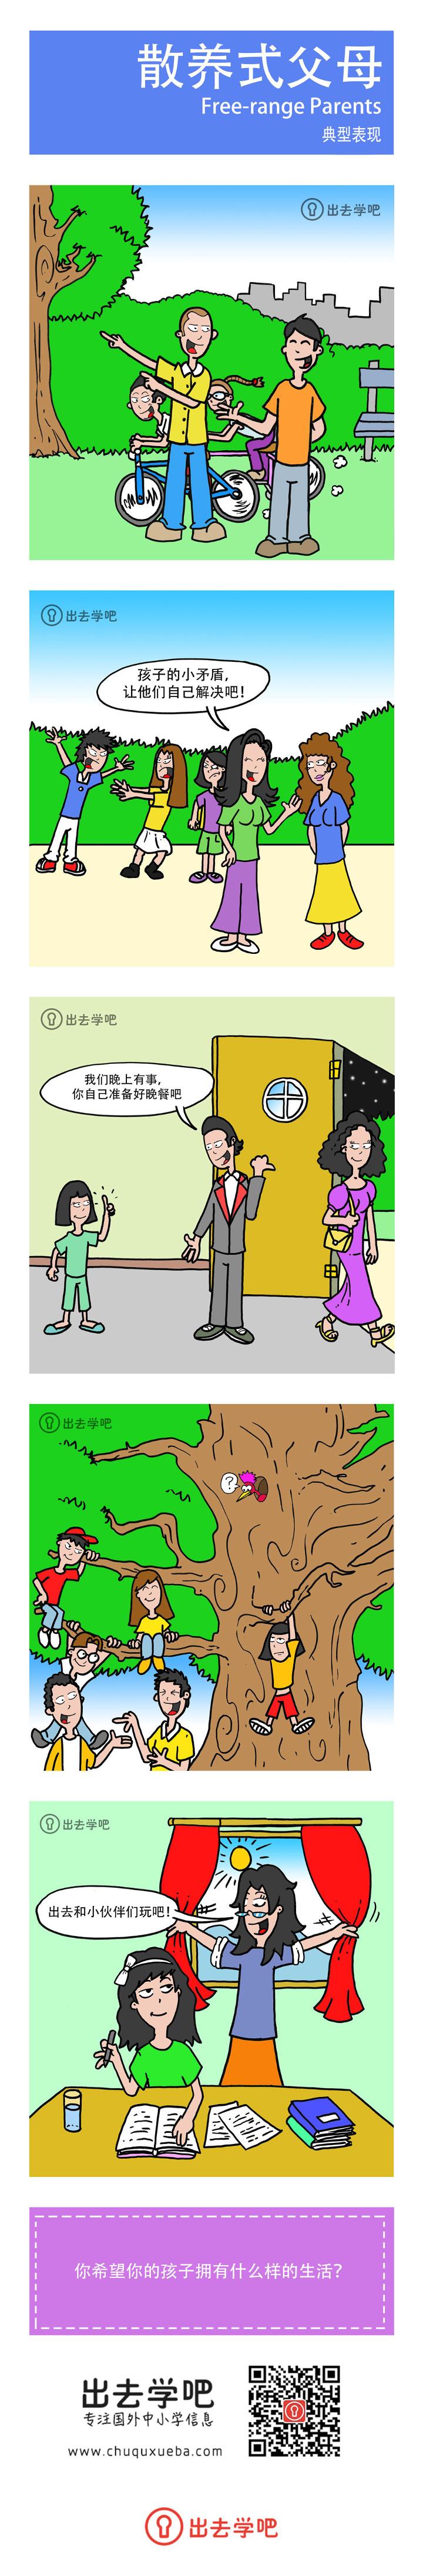 散养式父母 (Free-range Parents) 典型表现的漫画